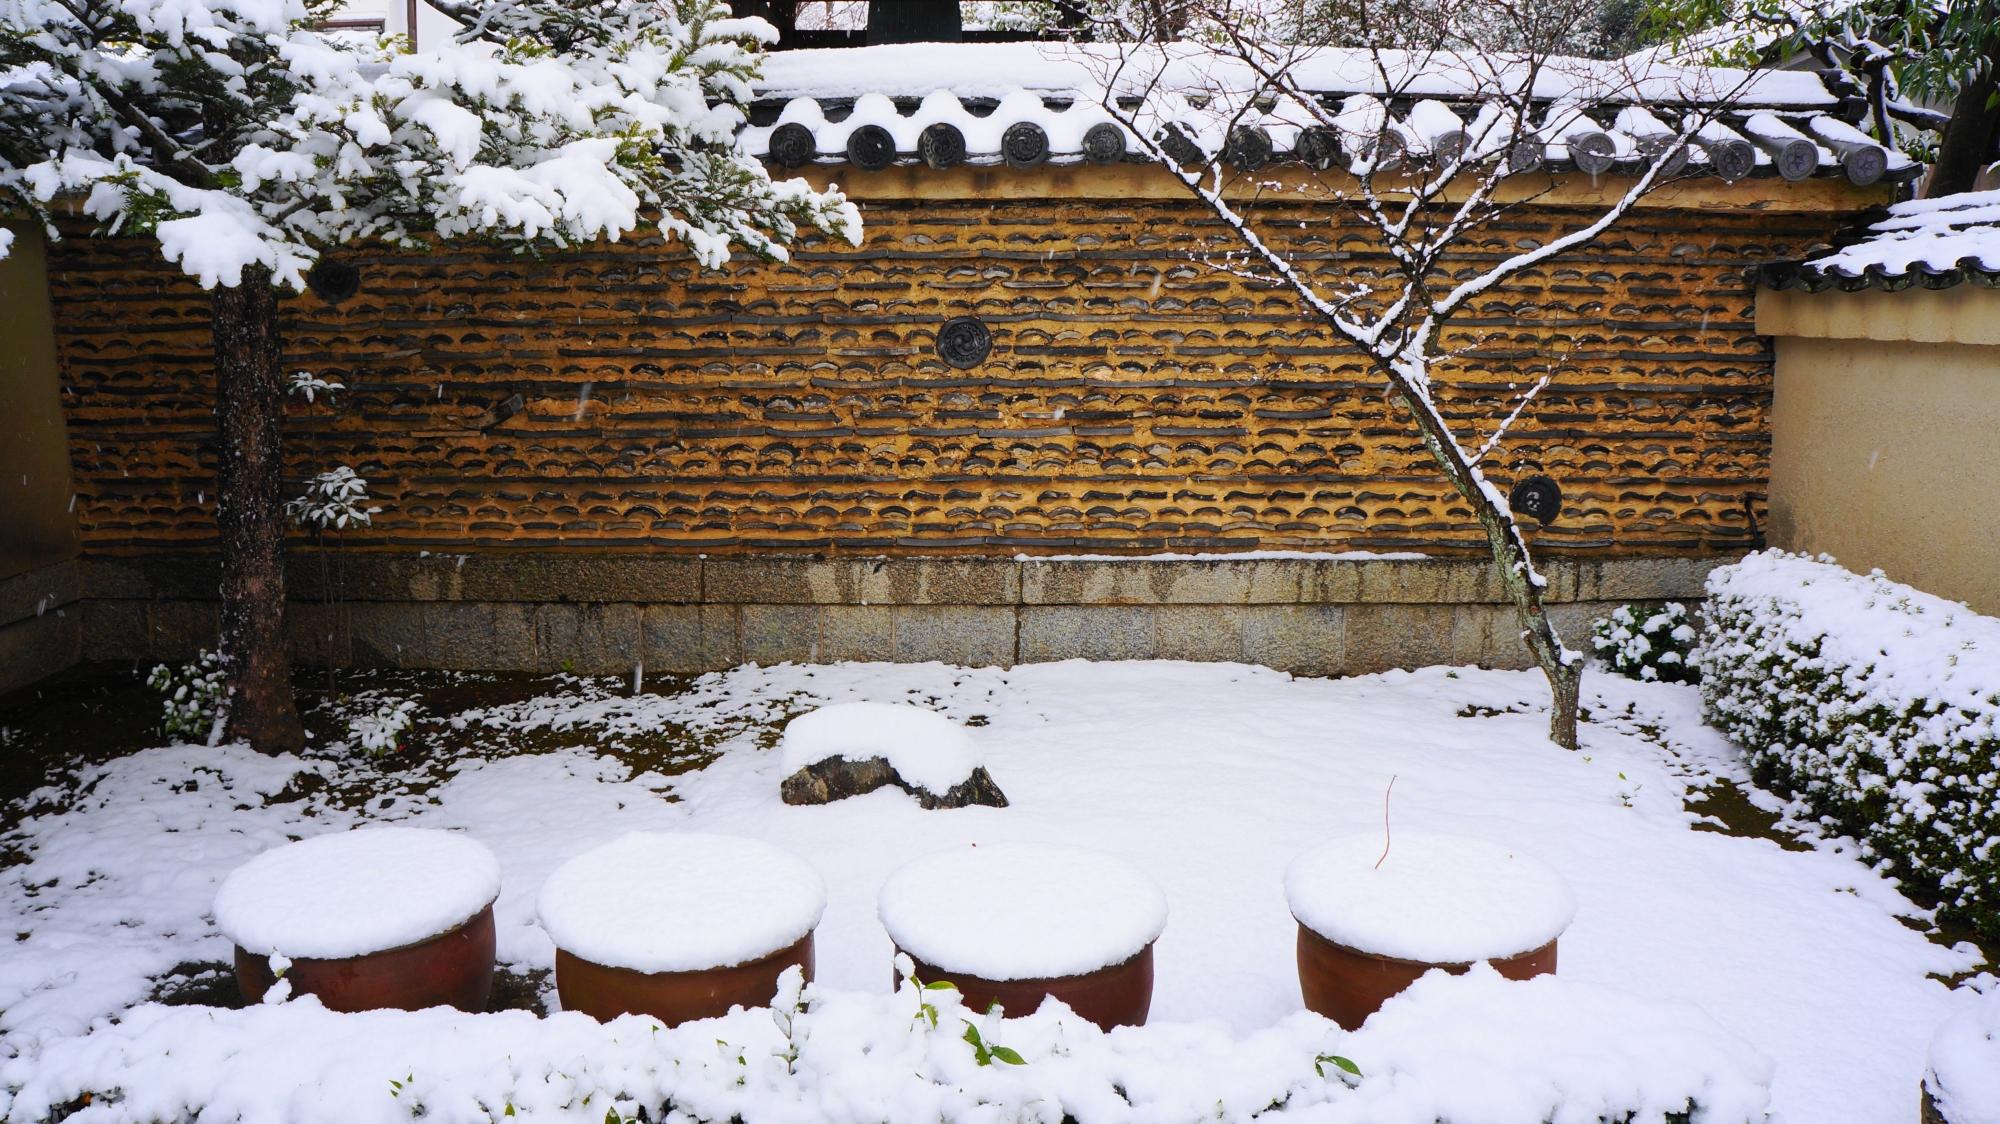 芳春院の素晴らしい雪景色